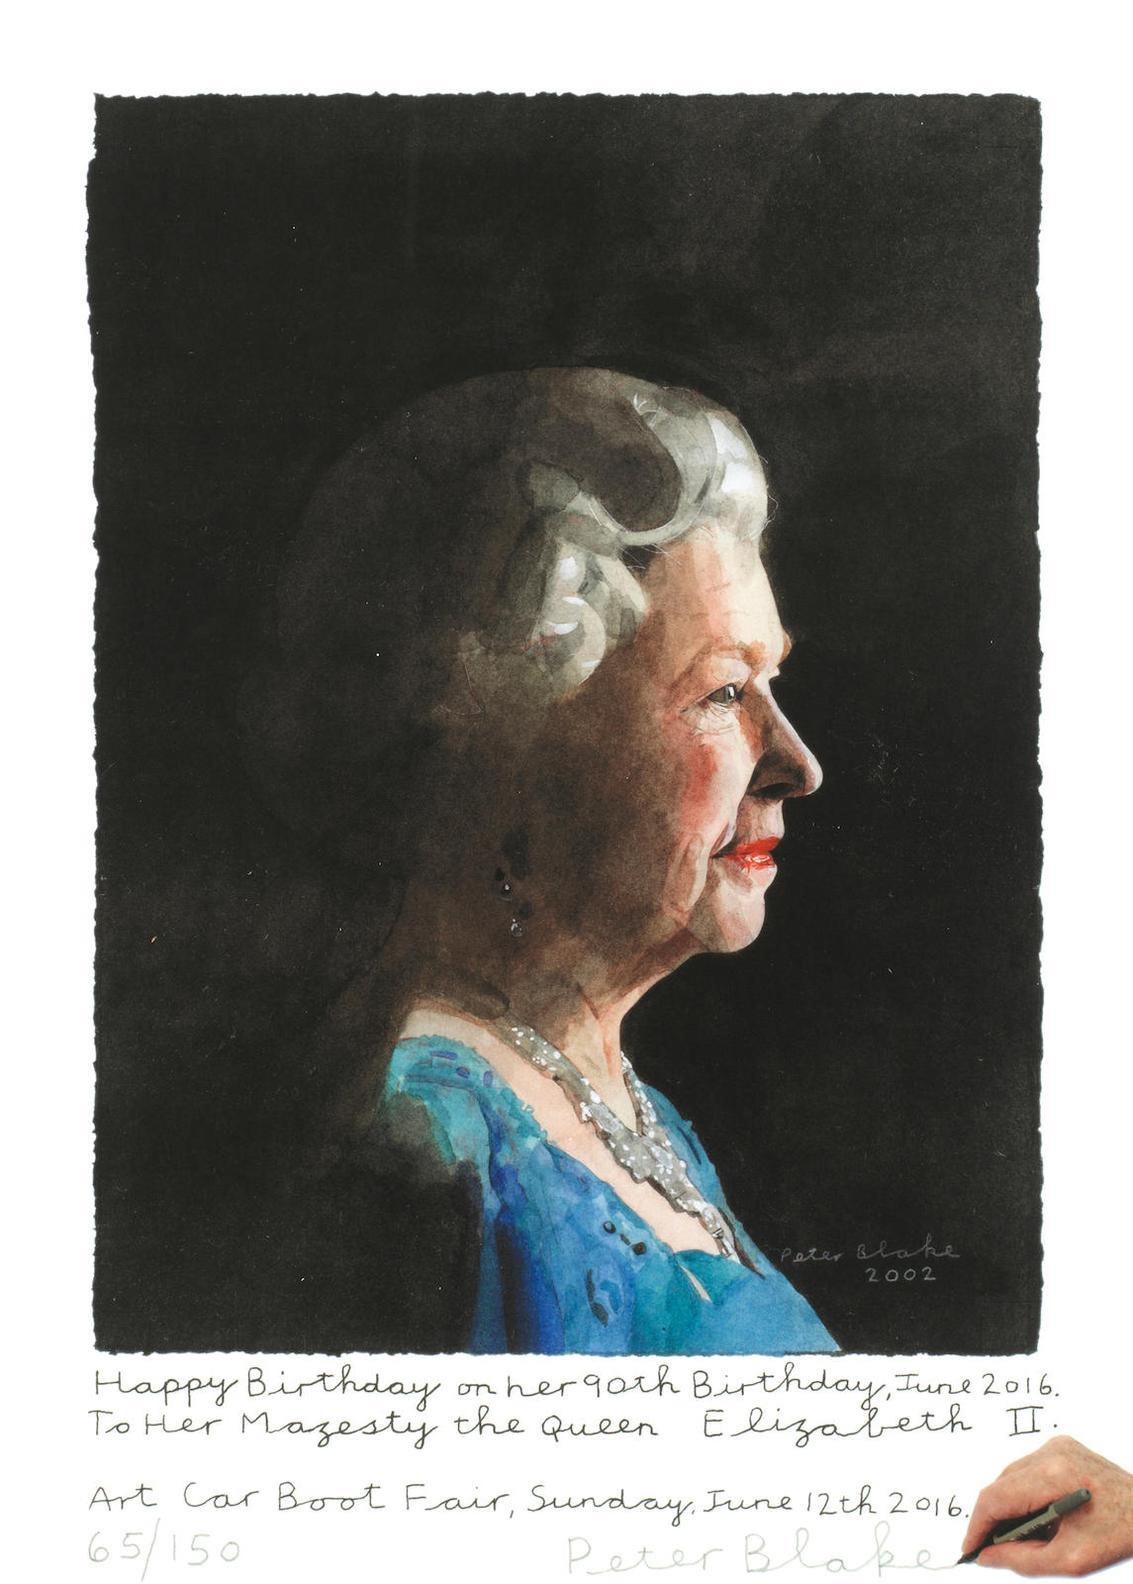 Peter Blake-Her Majesty The Queen Elizabeth II. (Happy Birthday...!)-2016